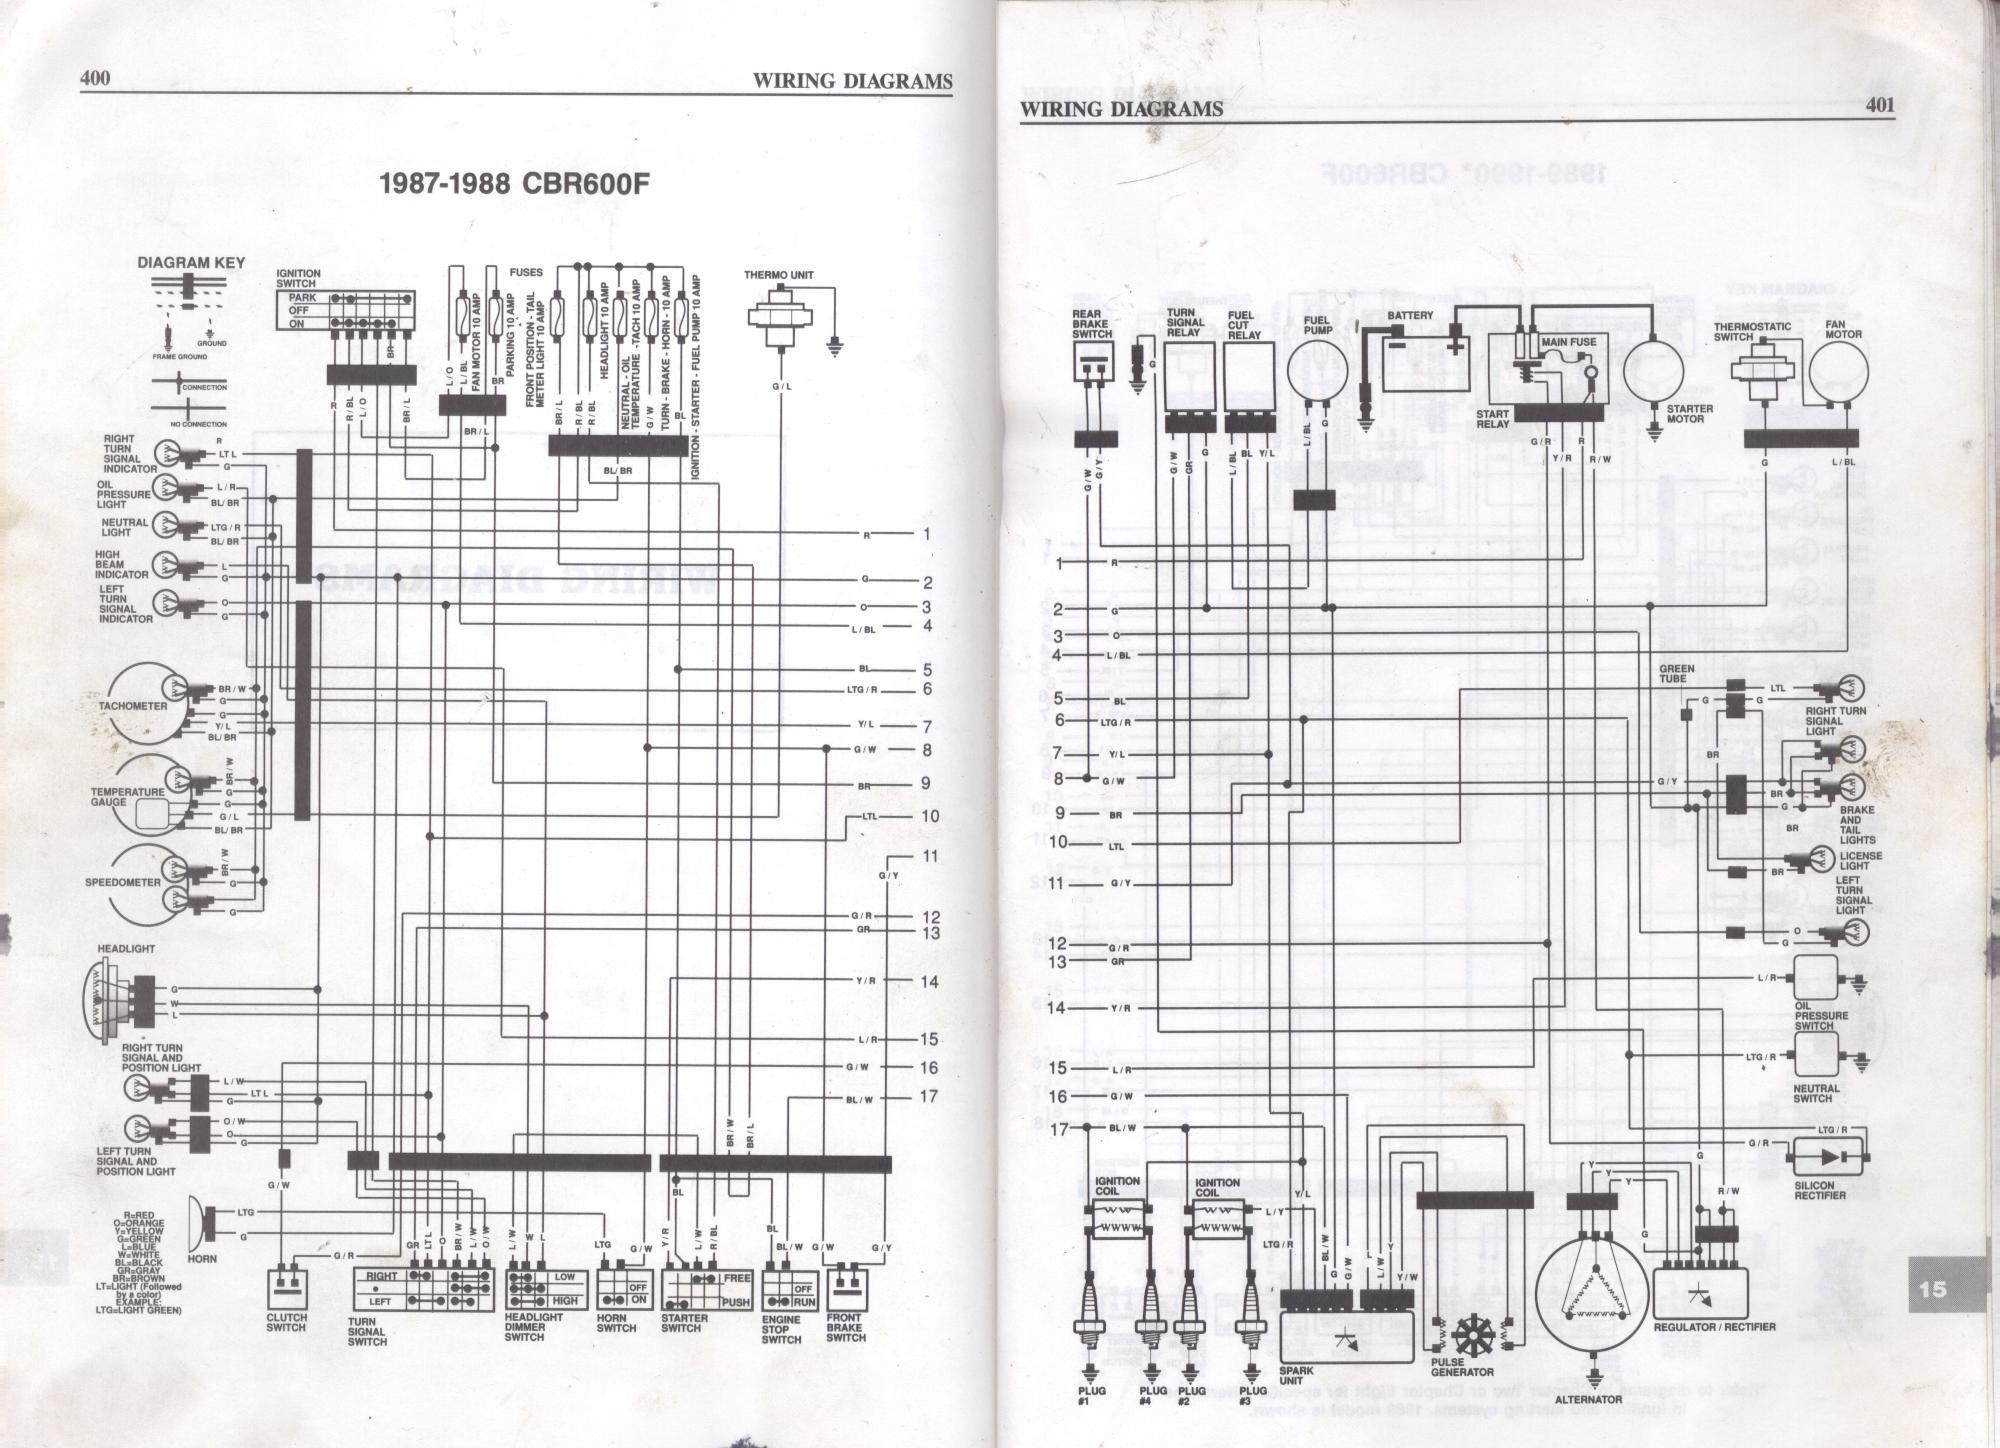 Kawasaki Wiring Diagrams Likewise Electrical Wiring Diagram Suzuki